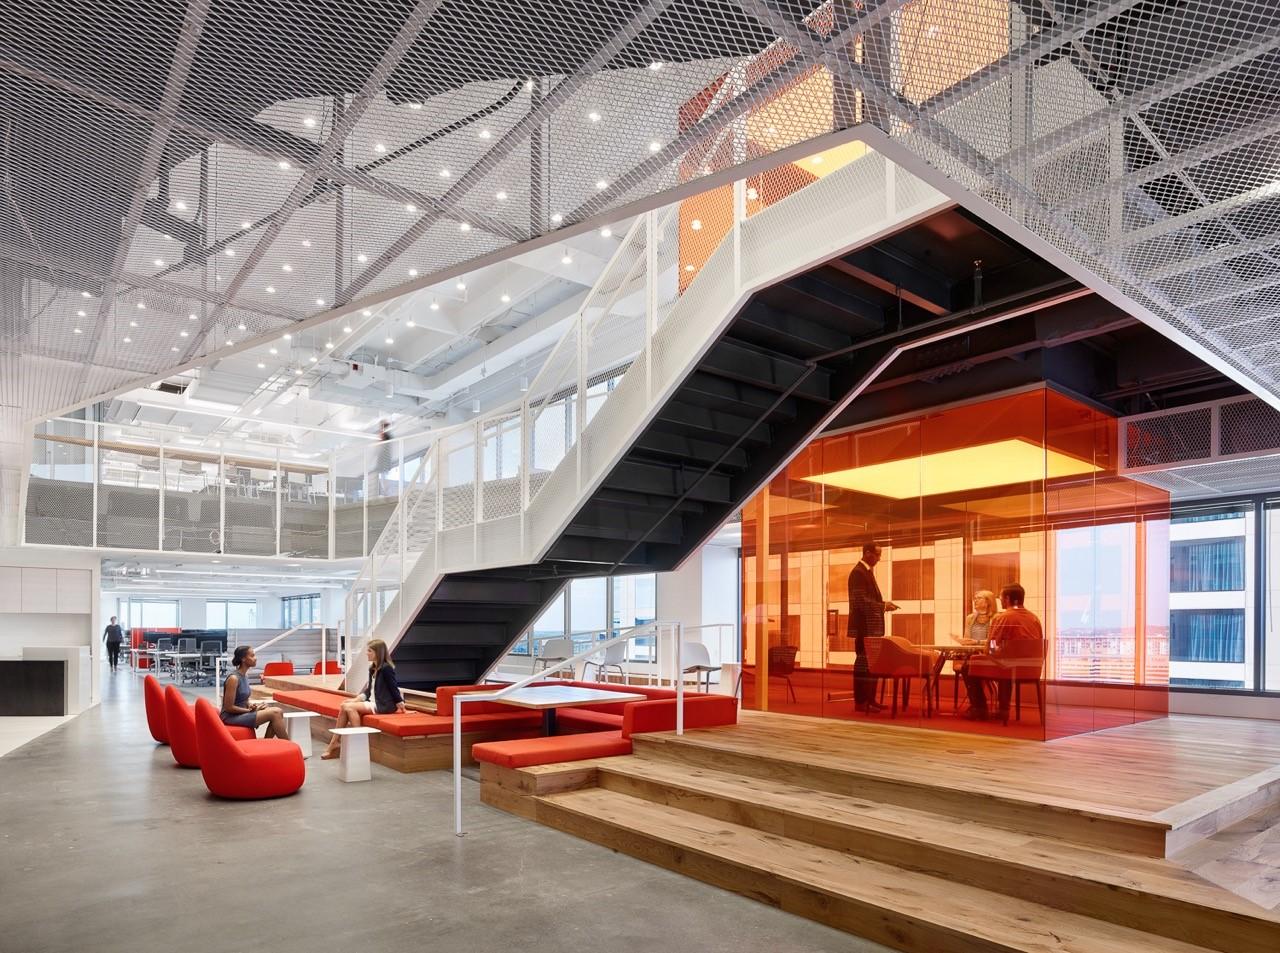 Metal ceiling - metal mesh - GLG office, Texas